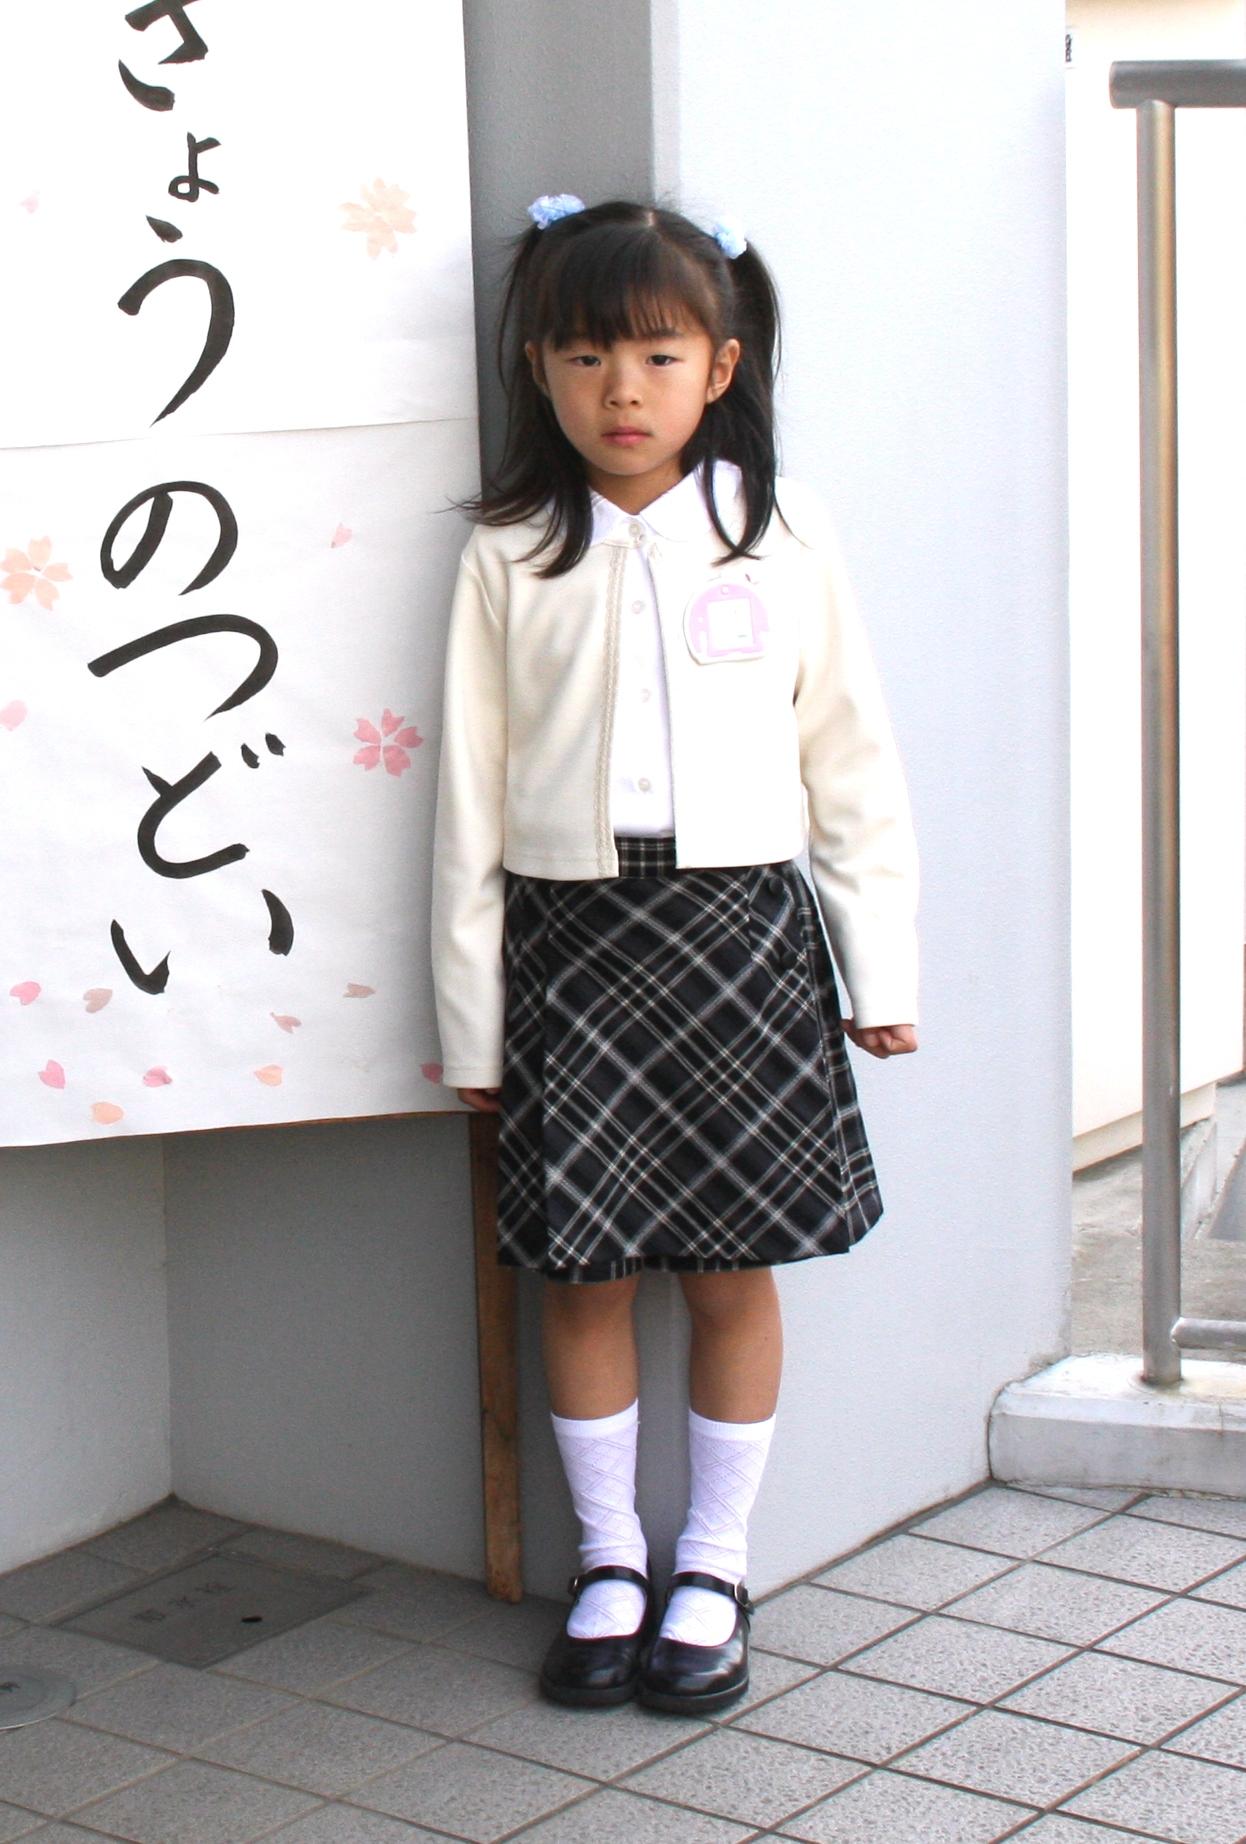 ユッチ卒業 タグ :ユッチシオン幼稚園卒園式   卒業(卒園)式